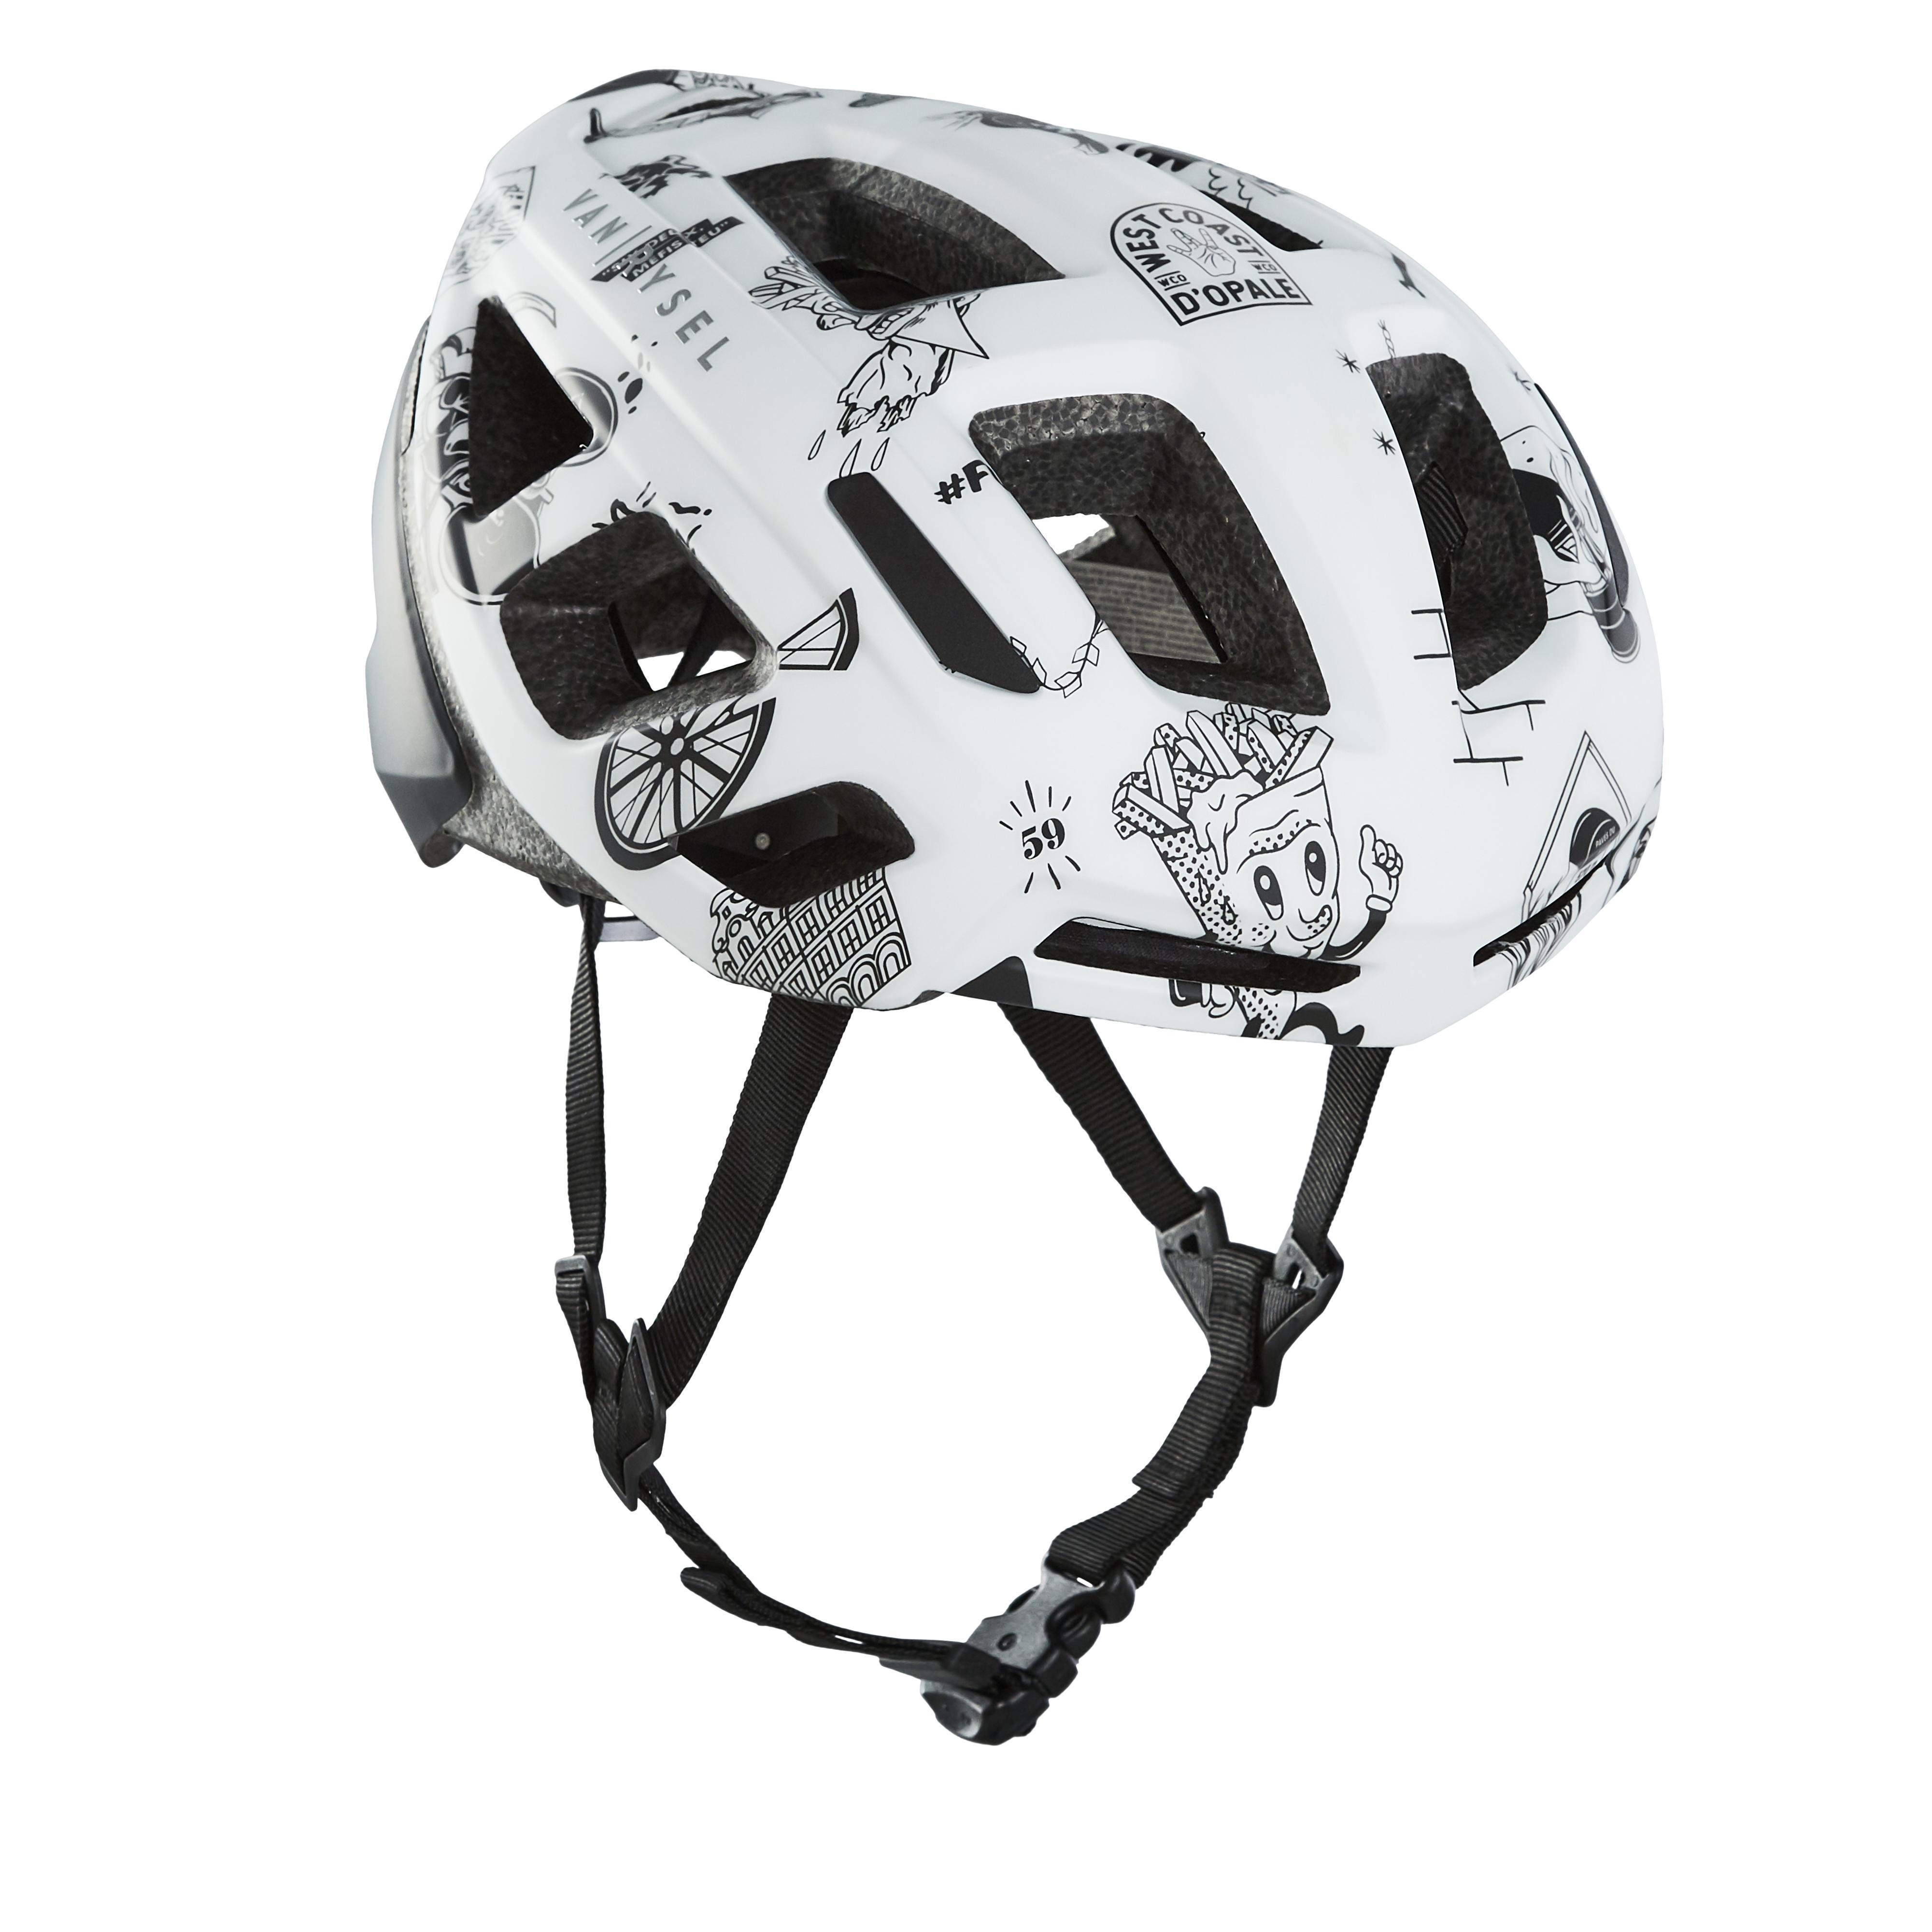 Cască ciclism ROADR 500 imagine produs